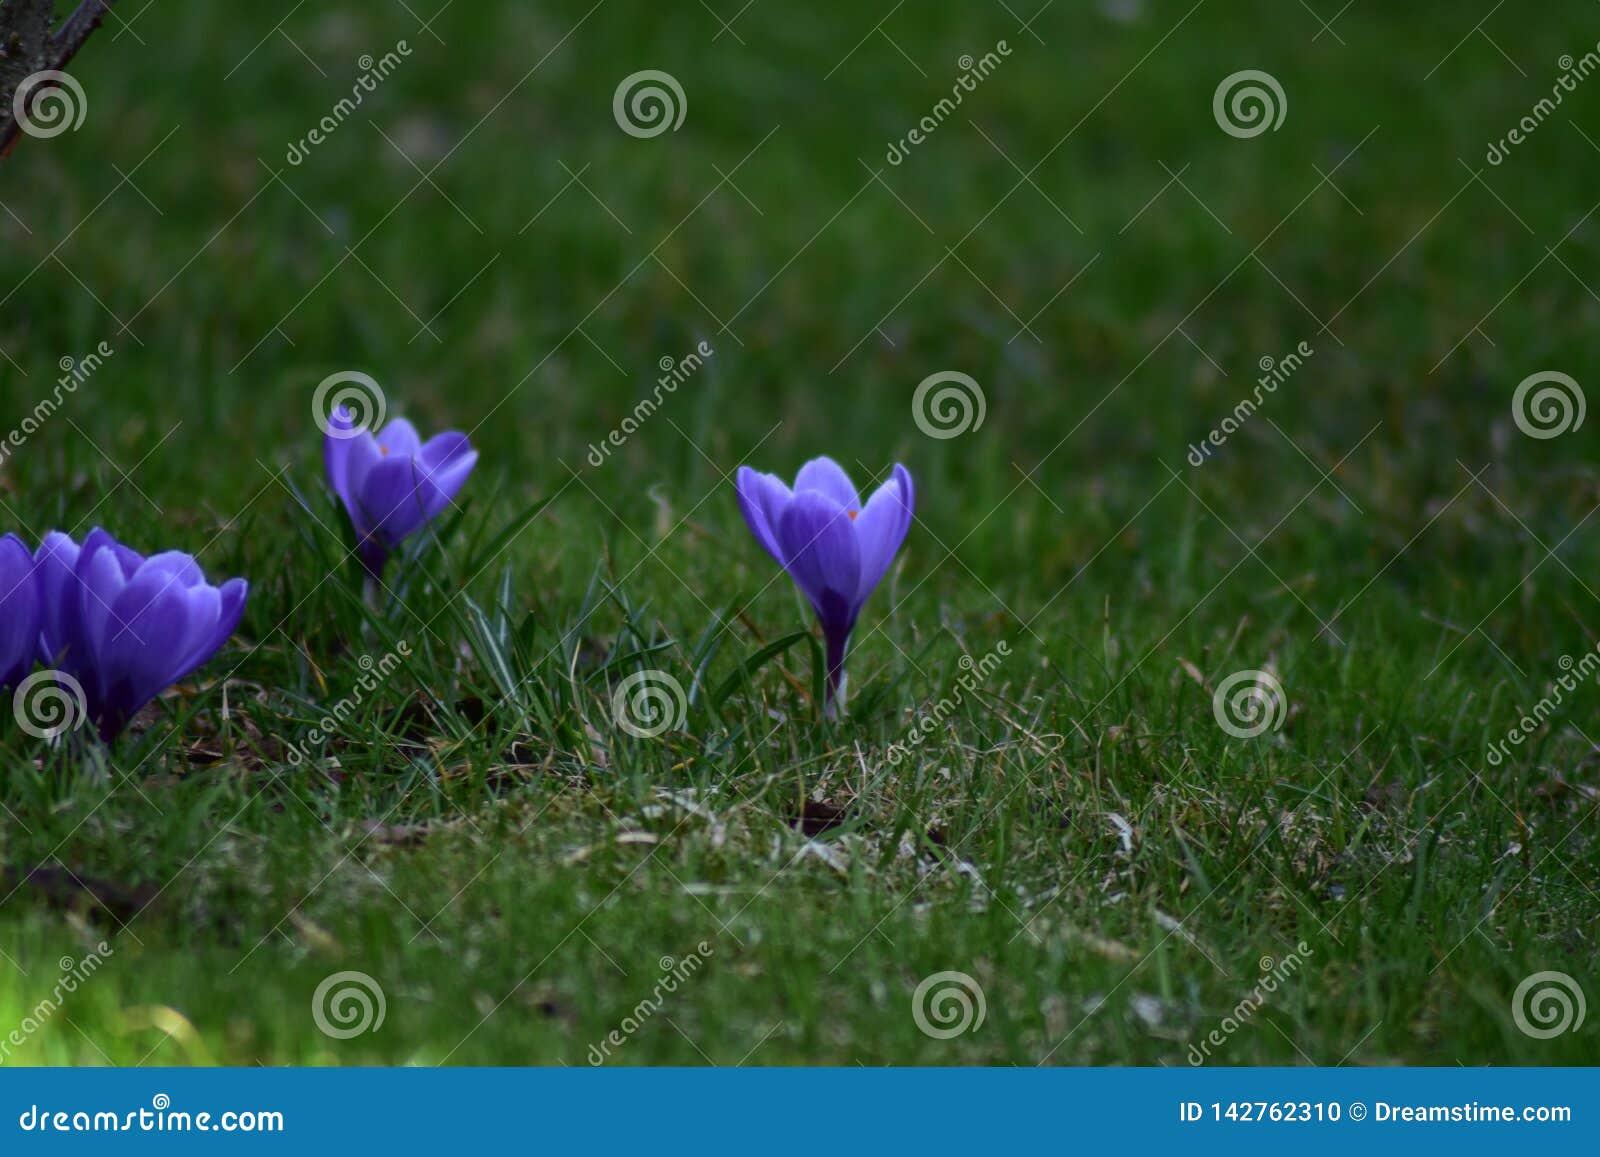 Três flores roxas em um jardim